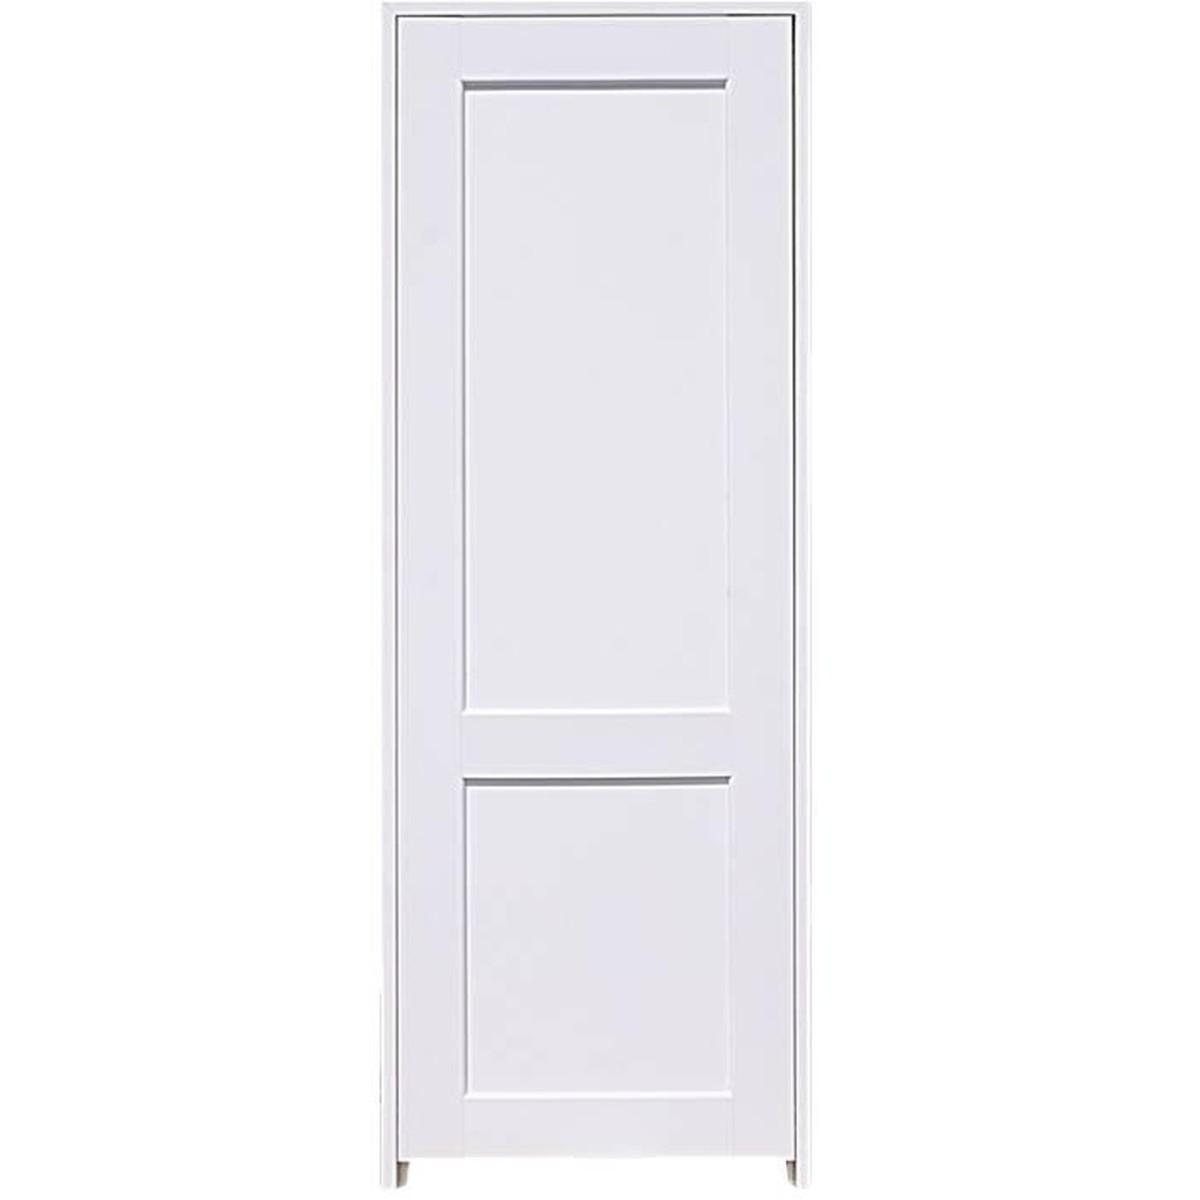 Блок дверной глухой с замком и петлями в комплекте Акваплюс 90x200 см ПВХ